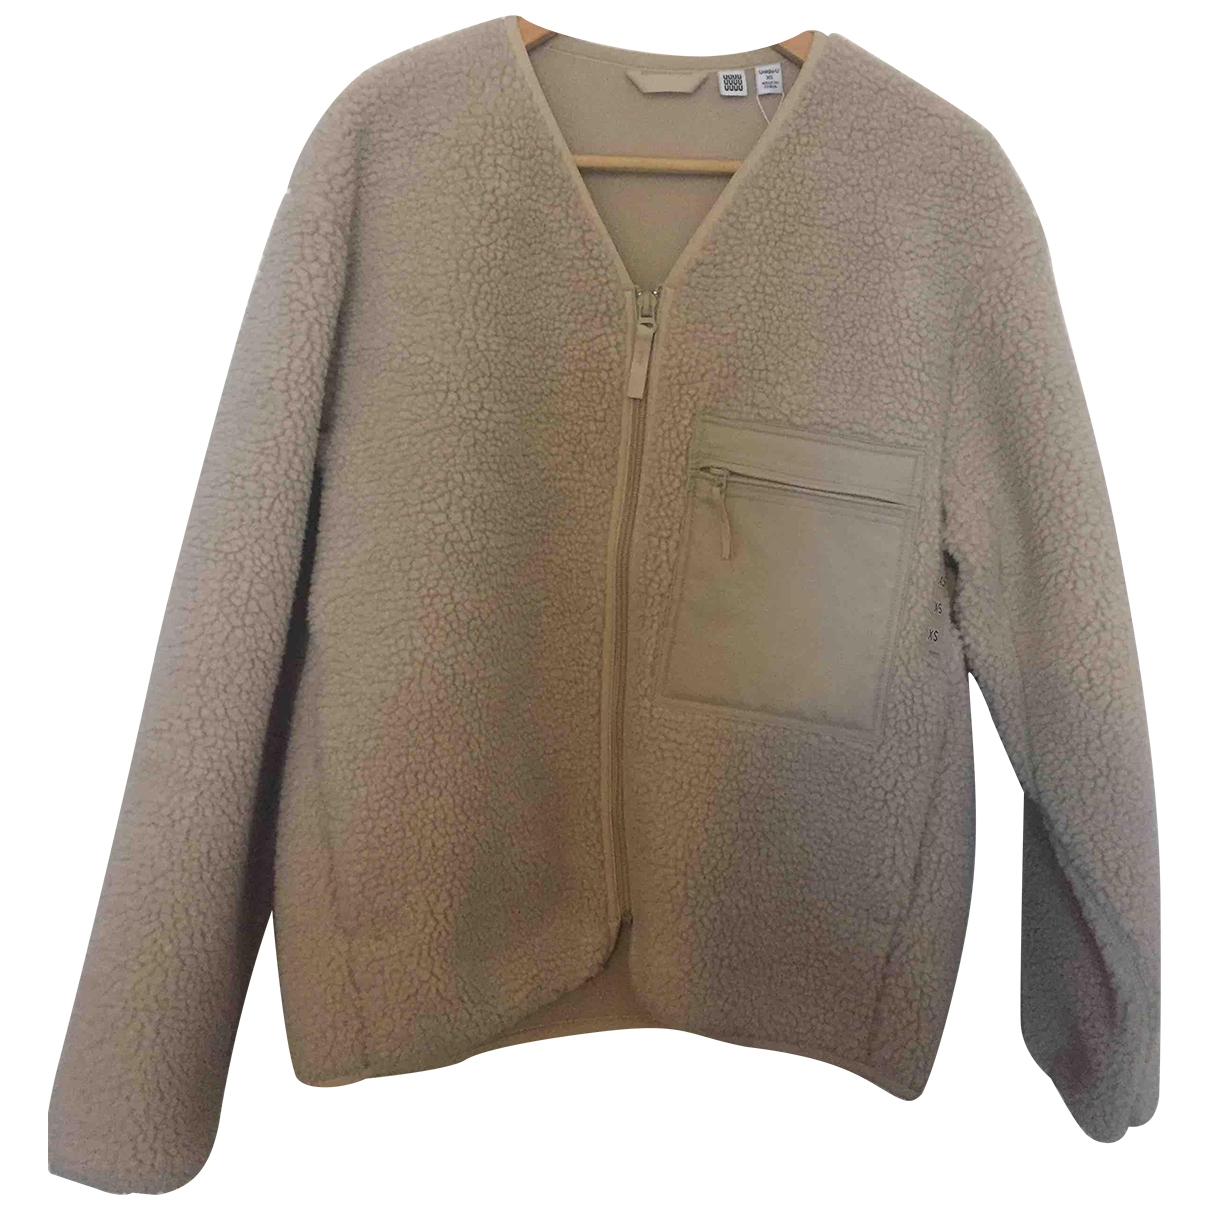 Uniqlo \N Beige jacket  for Men XS International